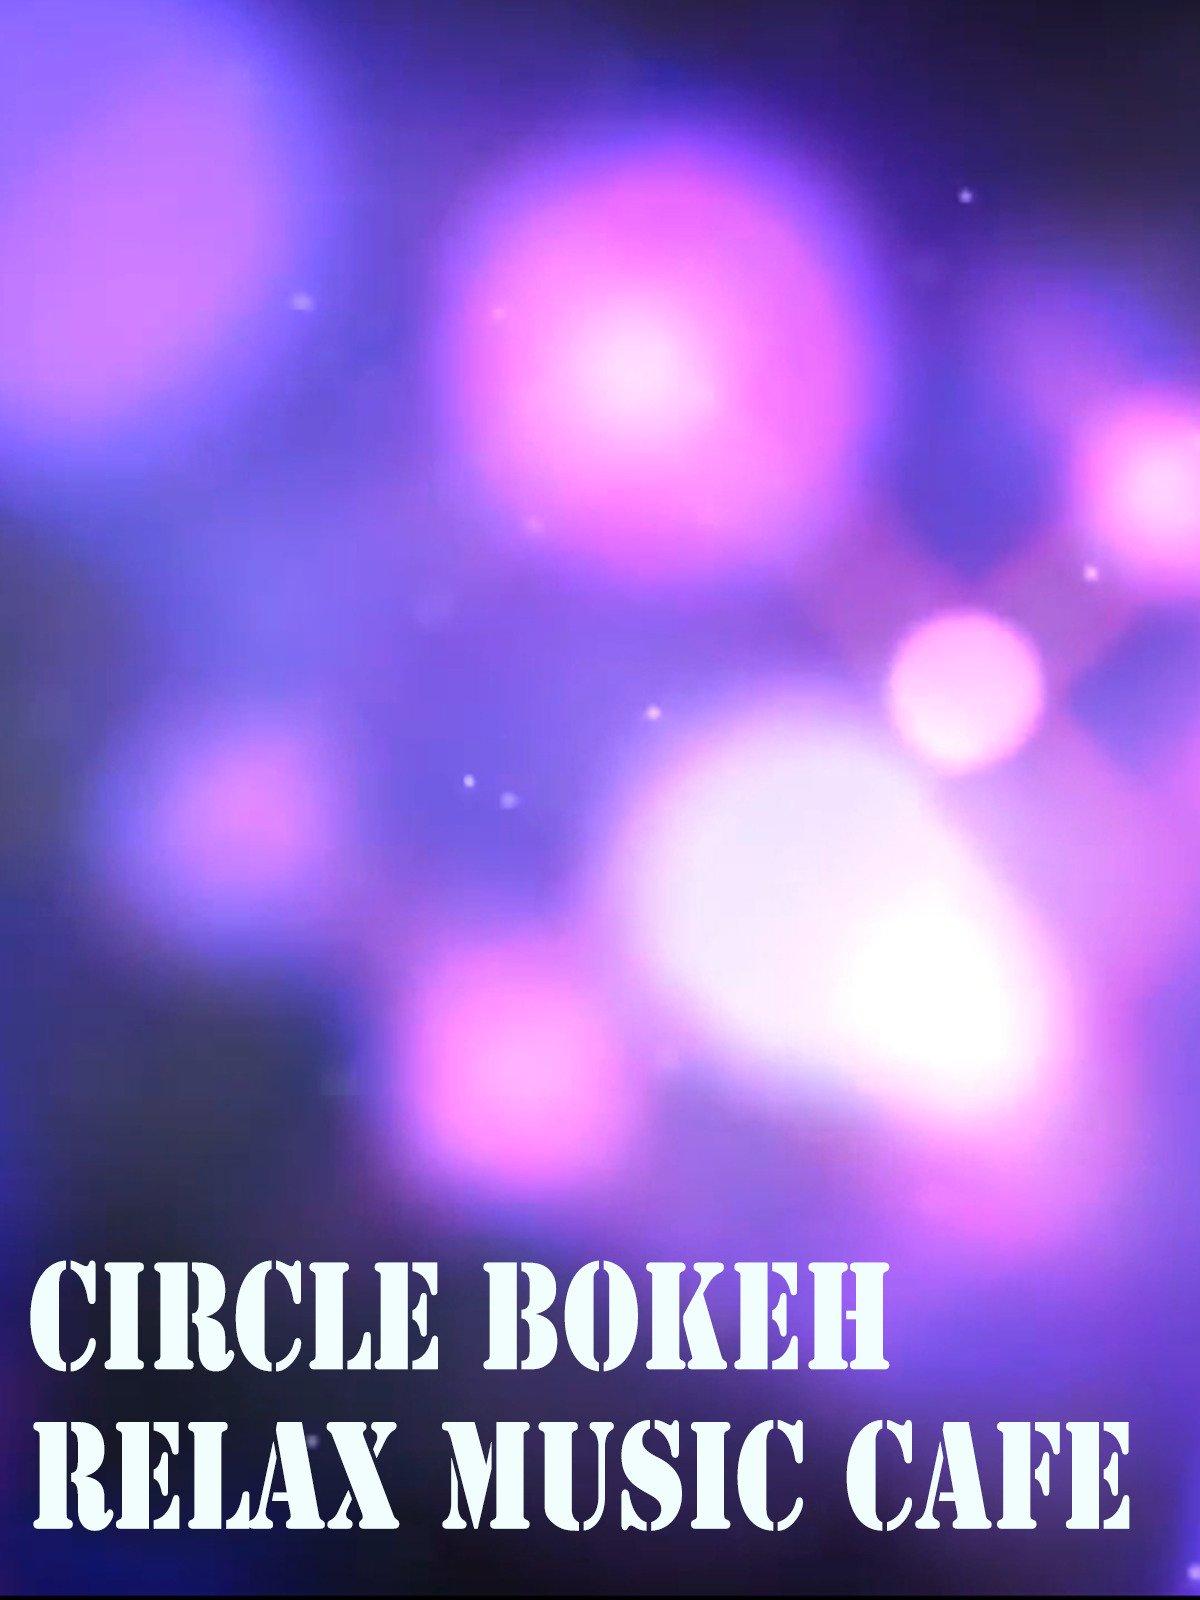 Circle Bokeh Relax Music Cafe